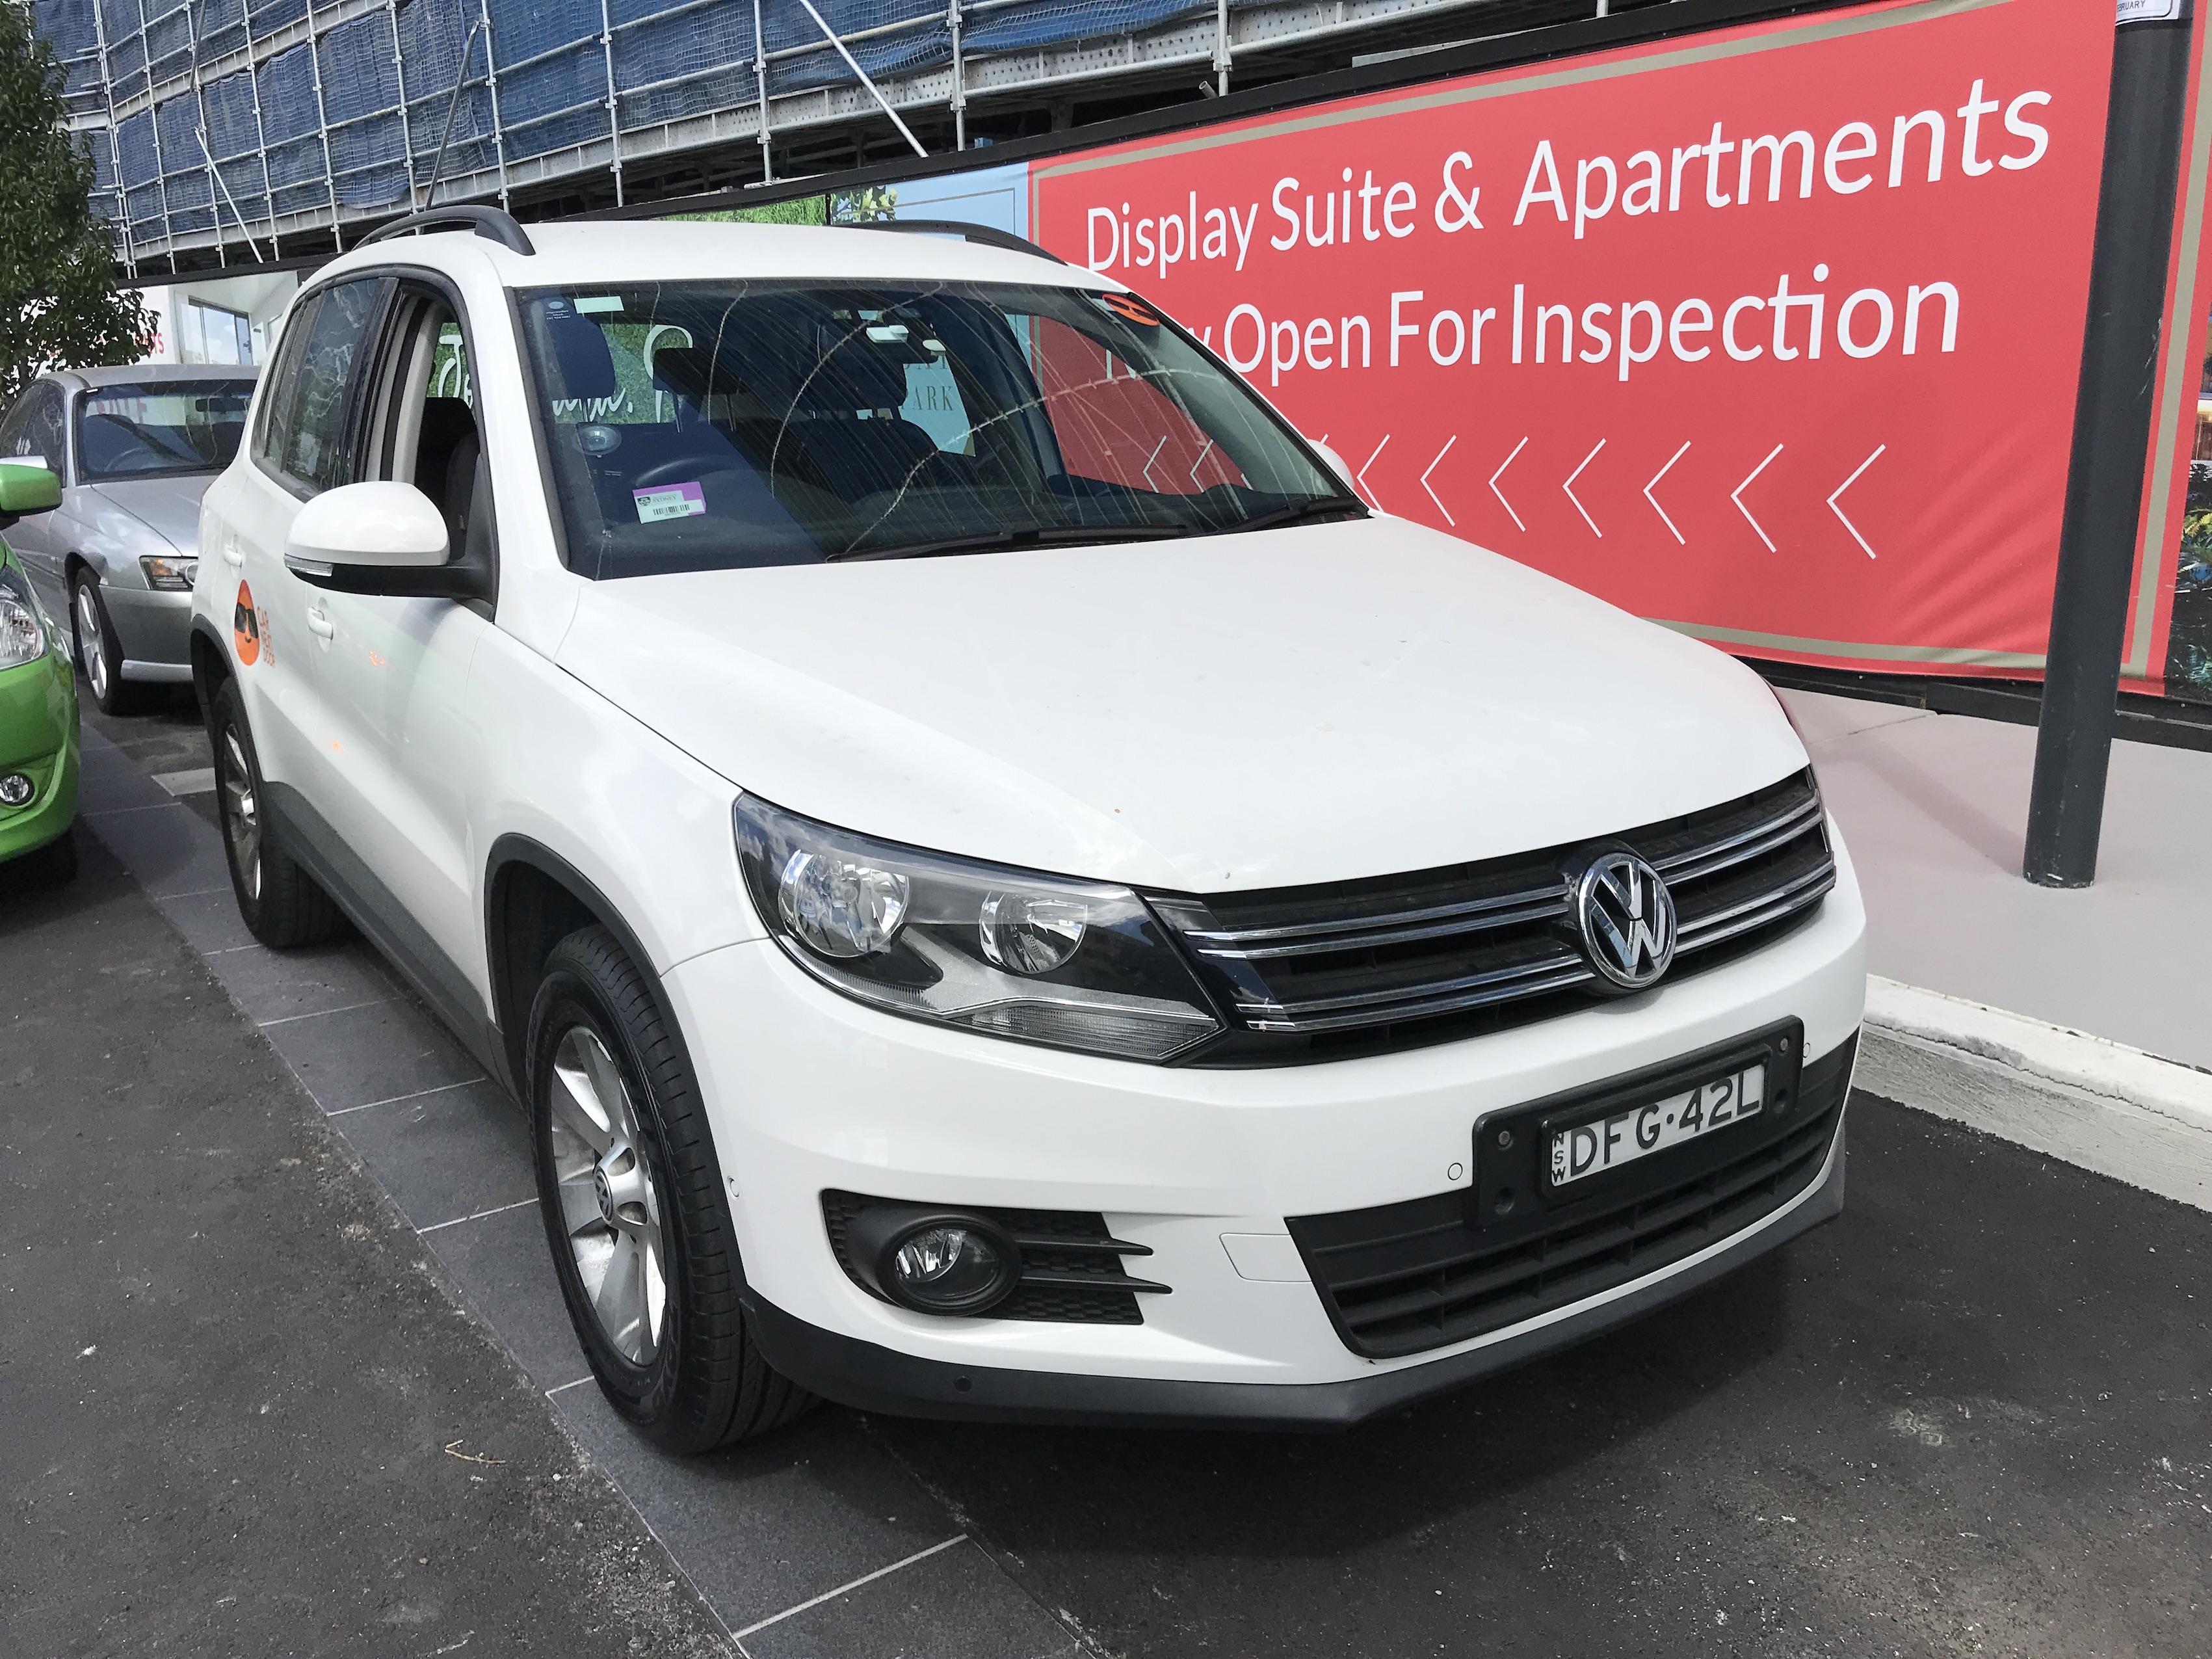 Picture of Olivia's 2013 Volkswagen Tiguan